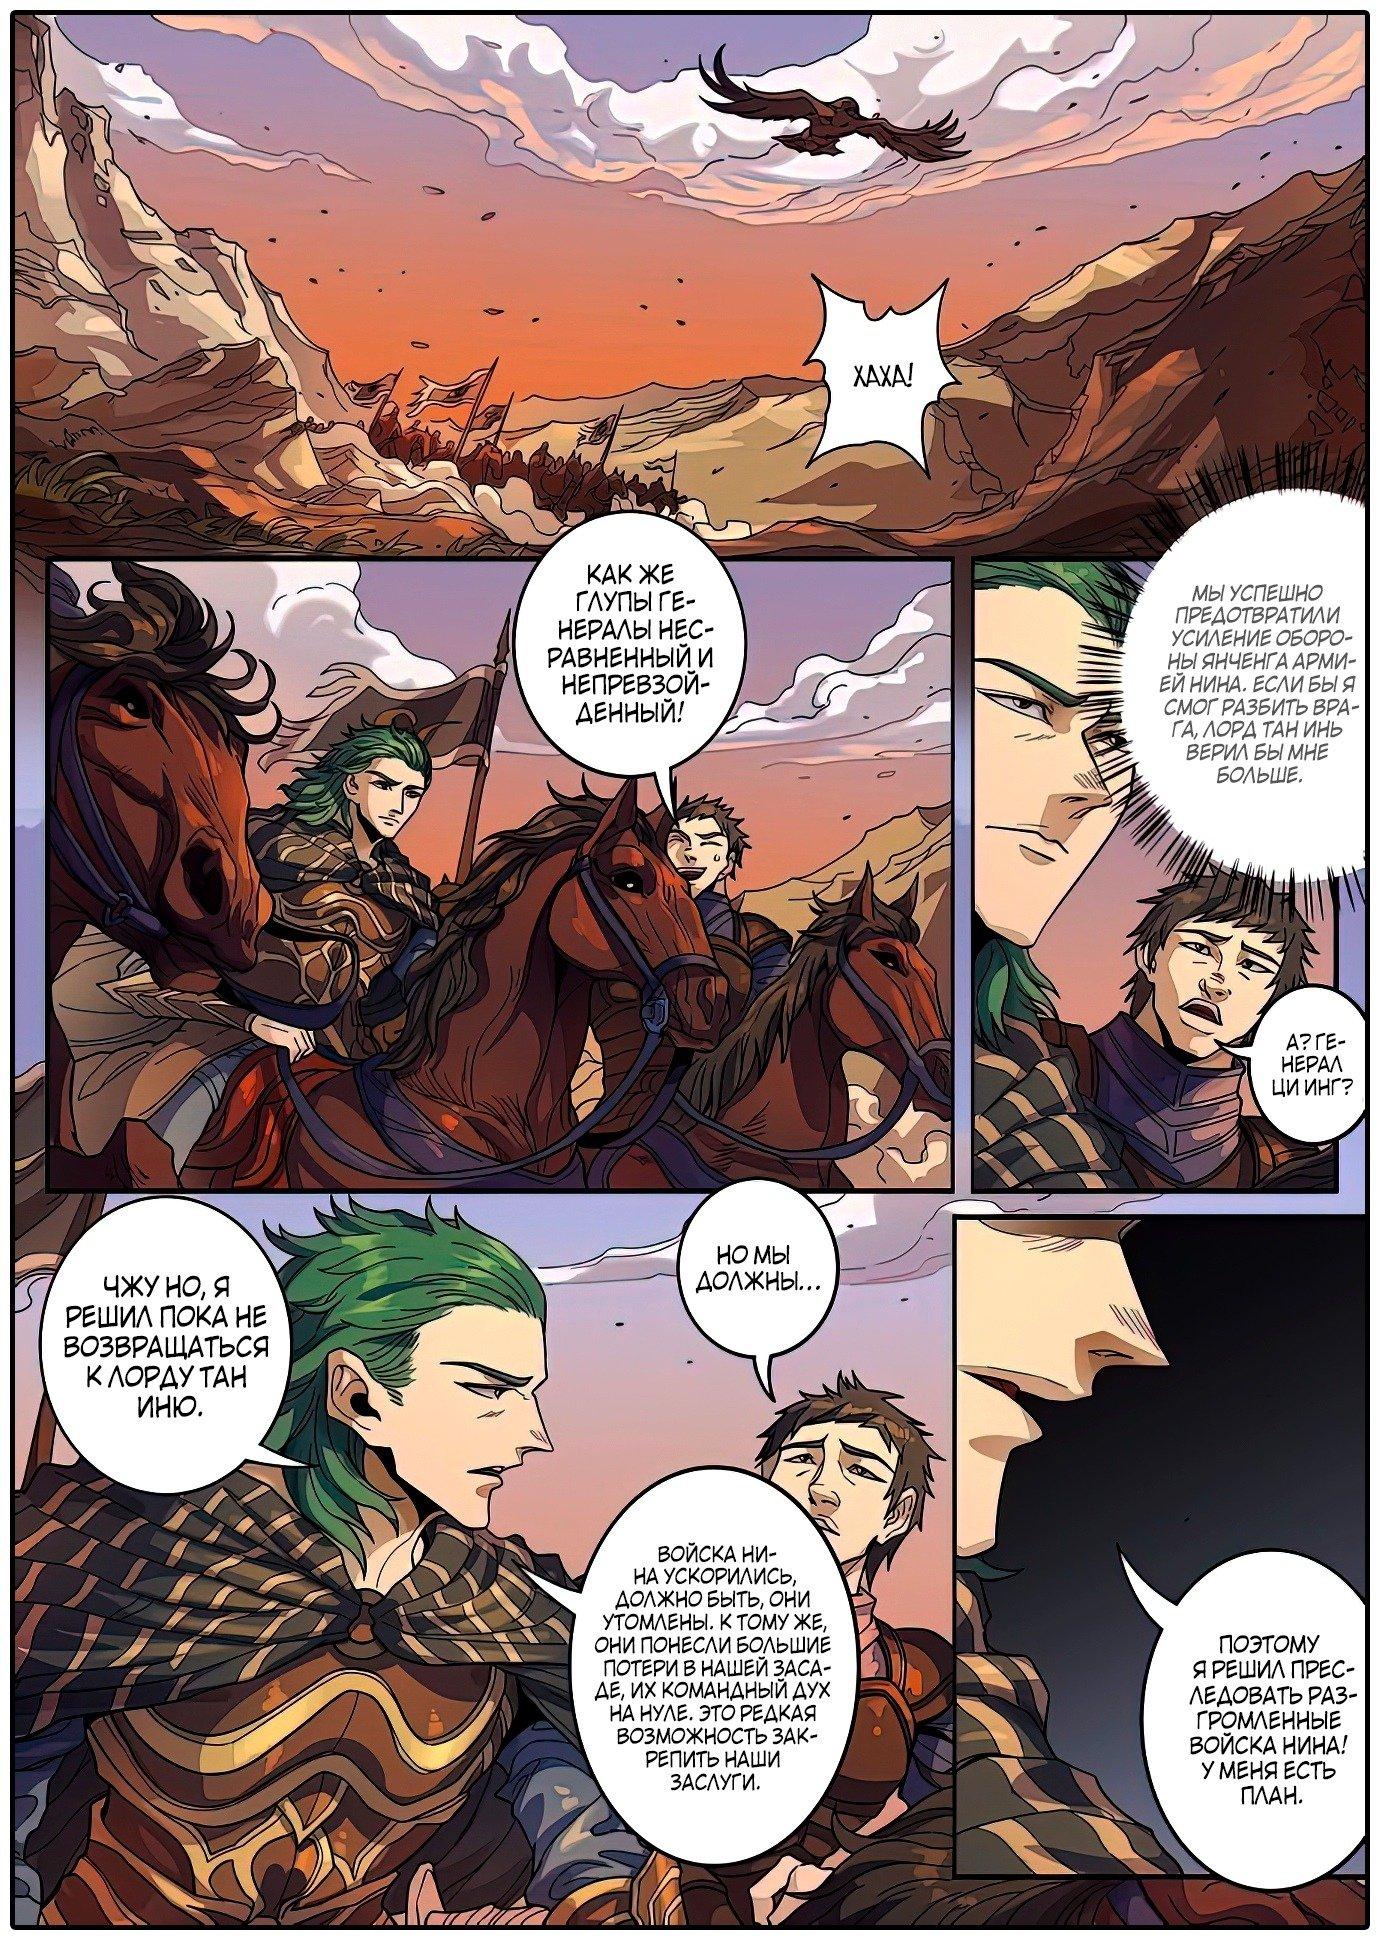 Манга Приключения Дона в другом мире - Глава 319 Страница 1